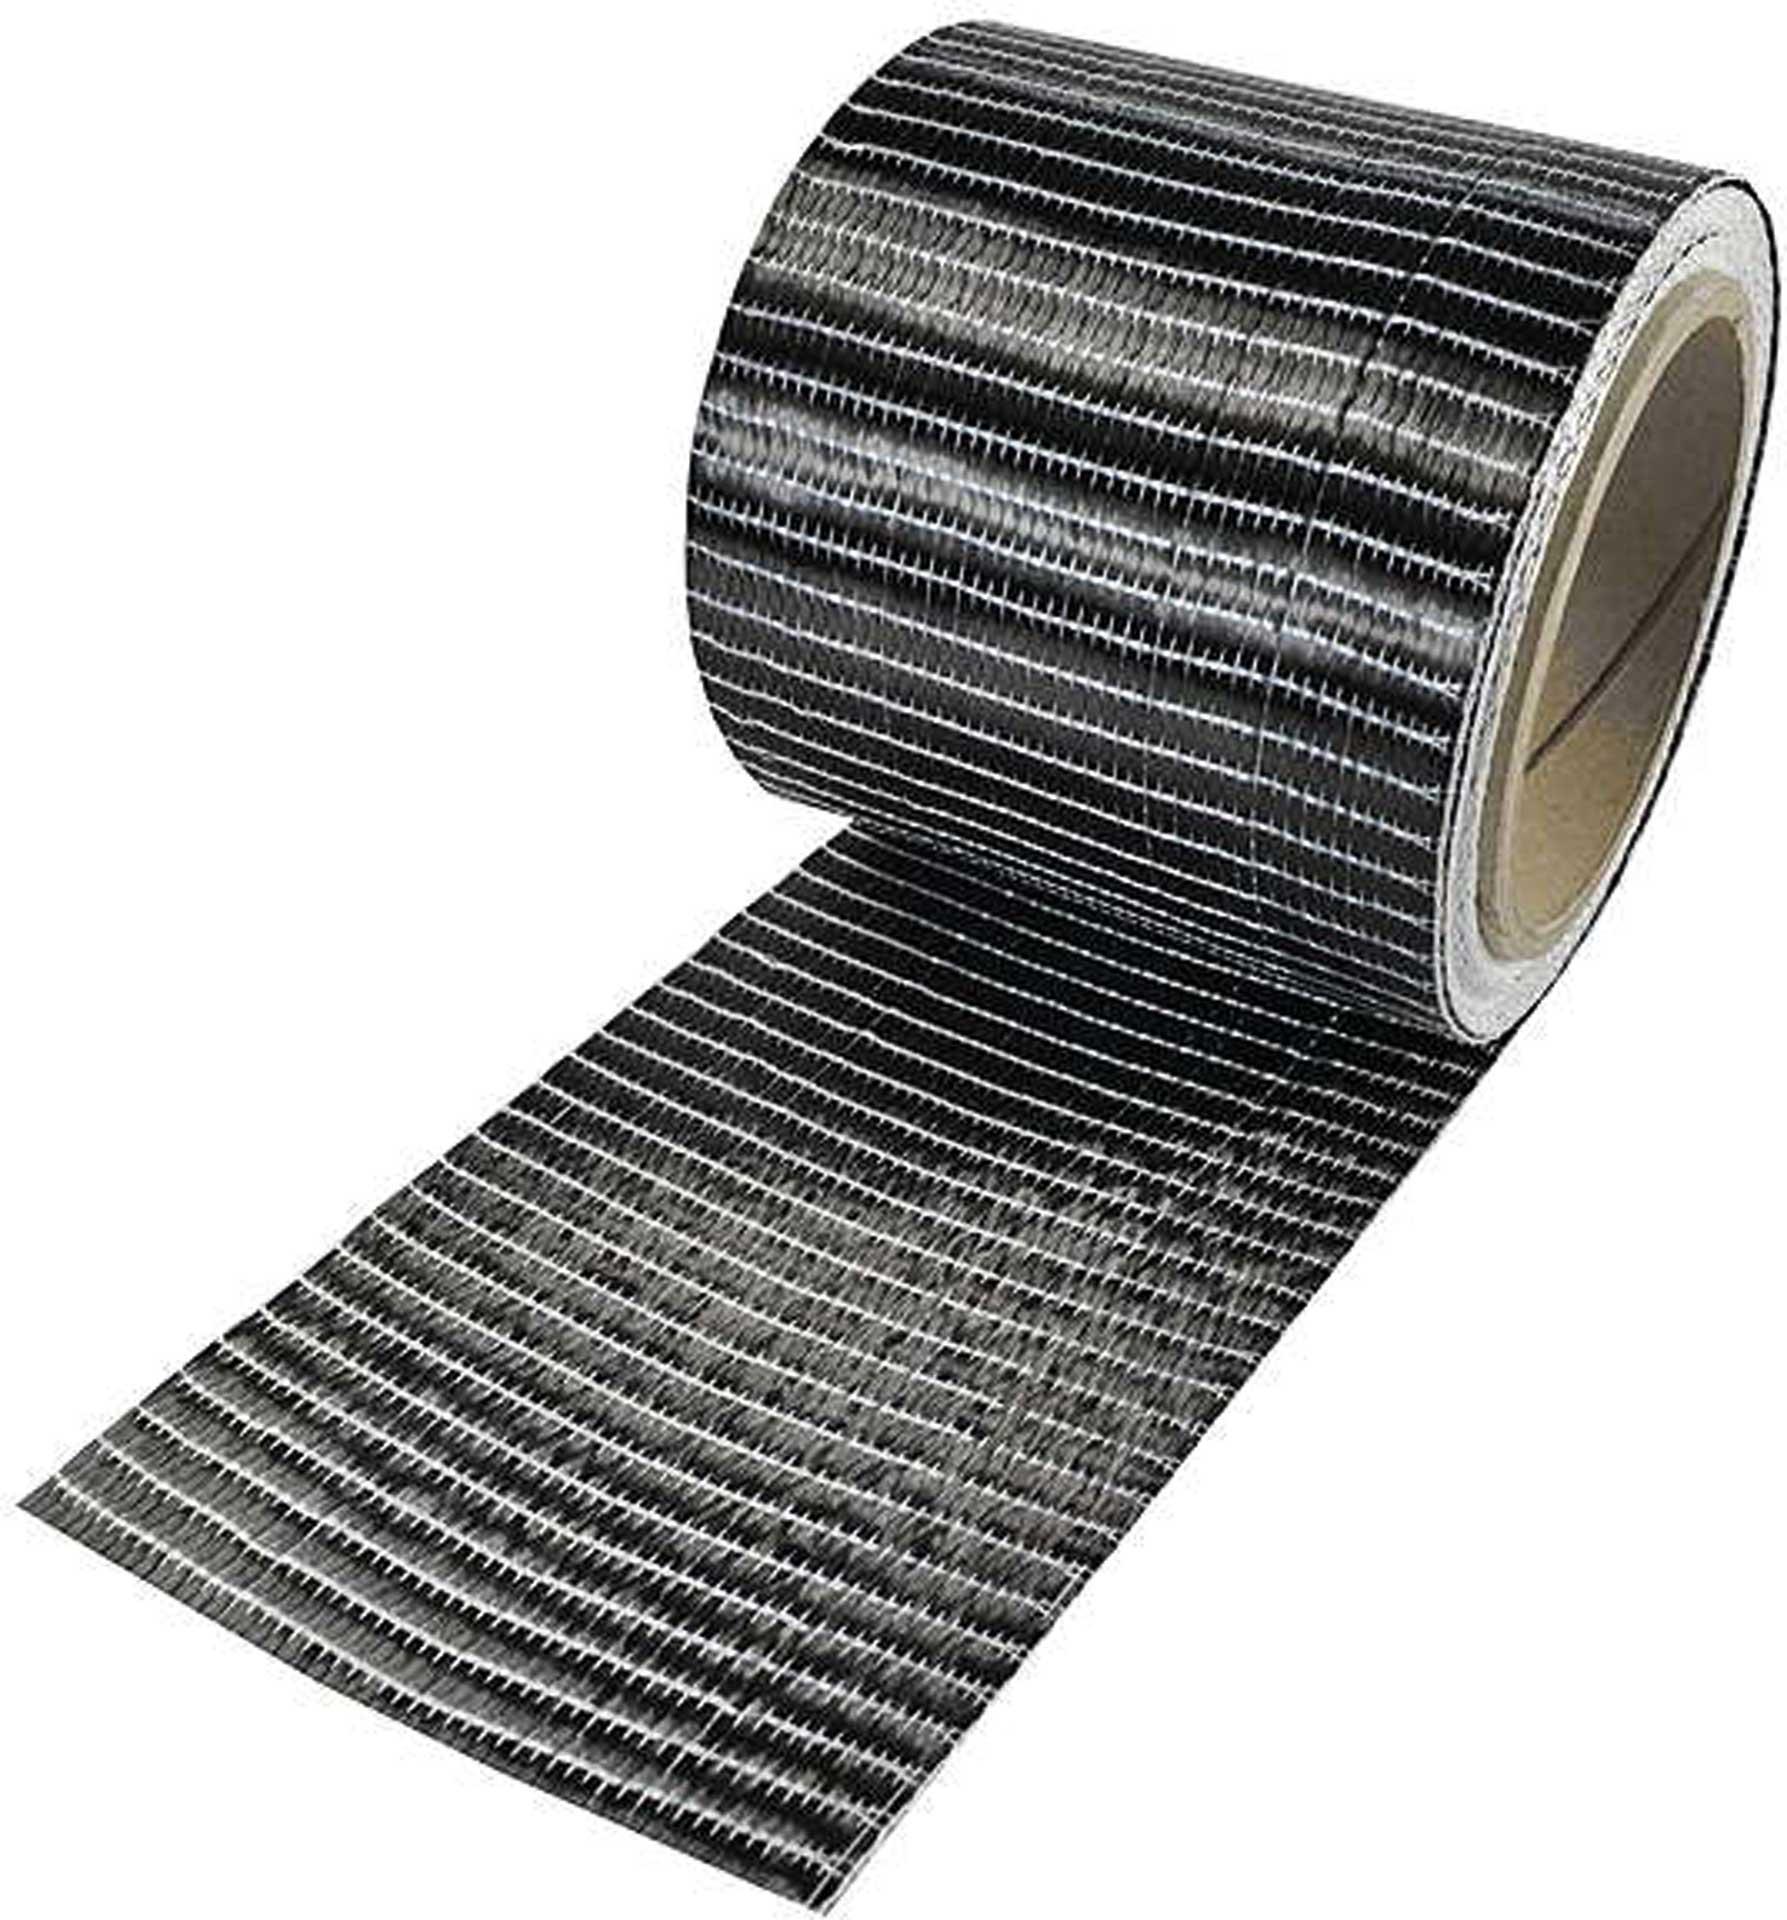 R&G Kohlefaserband 250 g, 6K, UD (100 mm) Rolle/ 5 m